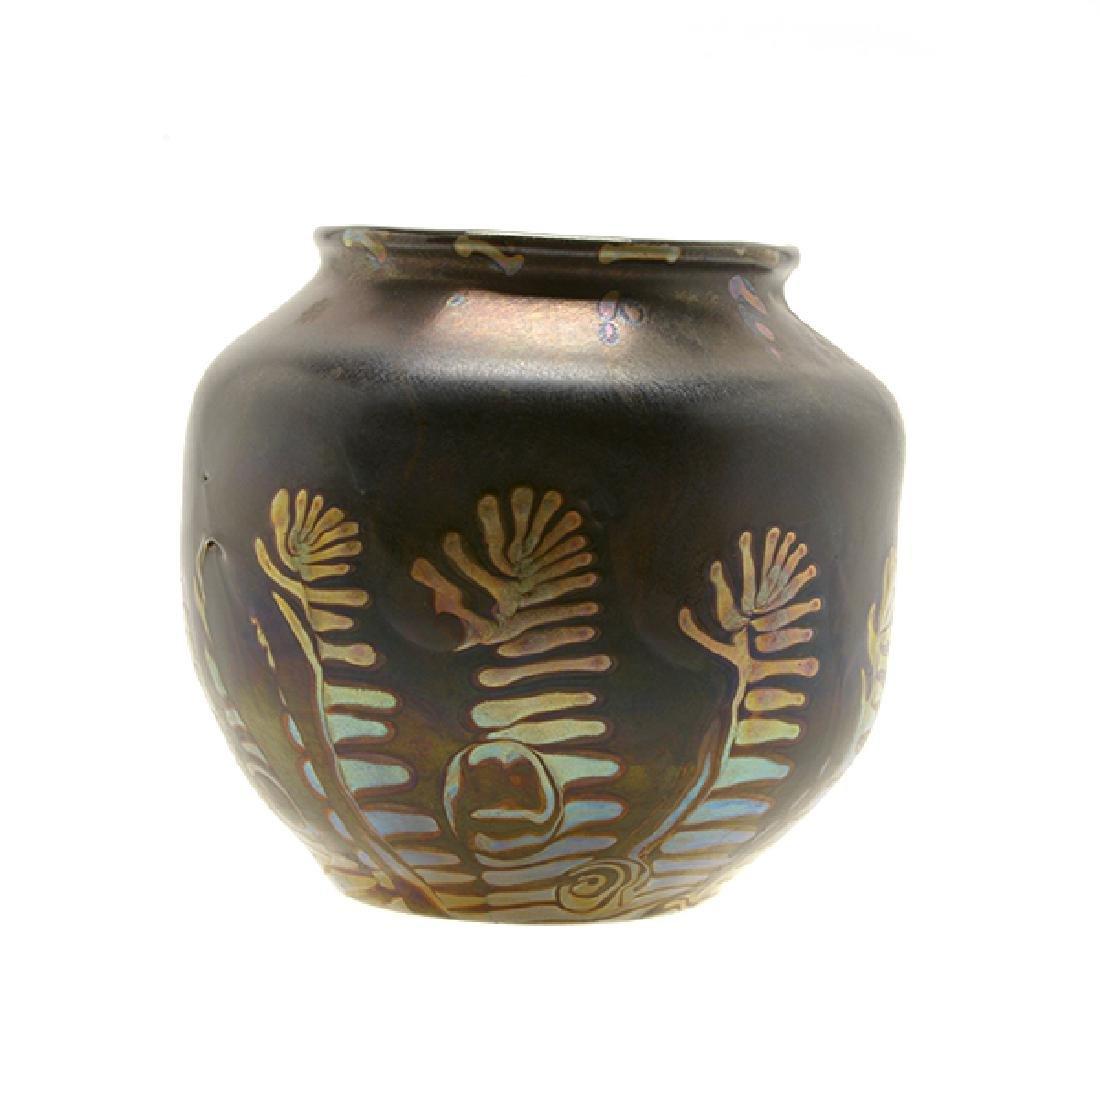 Tiffany Studios Favrile Vase - 2